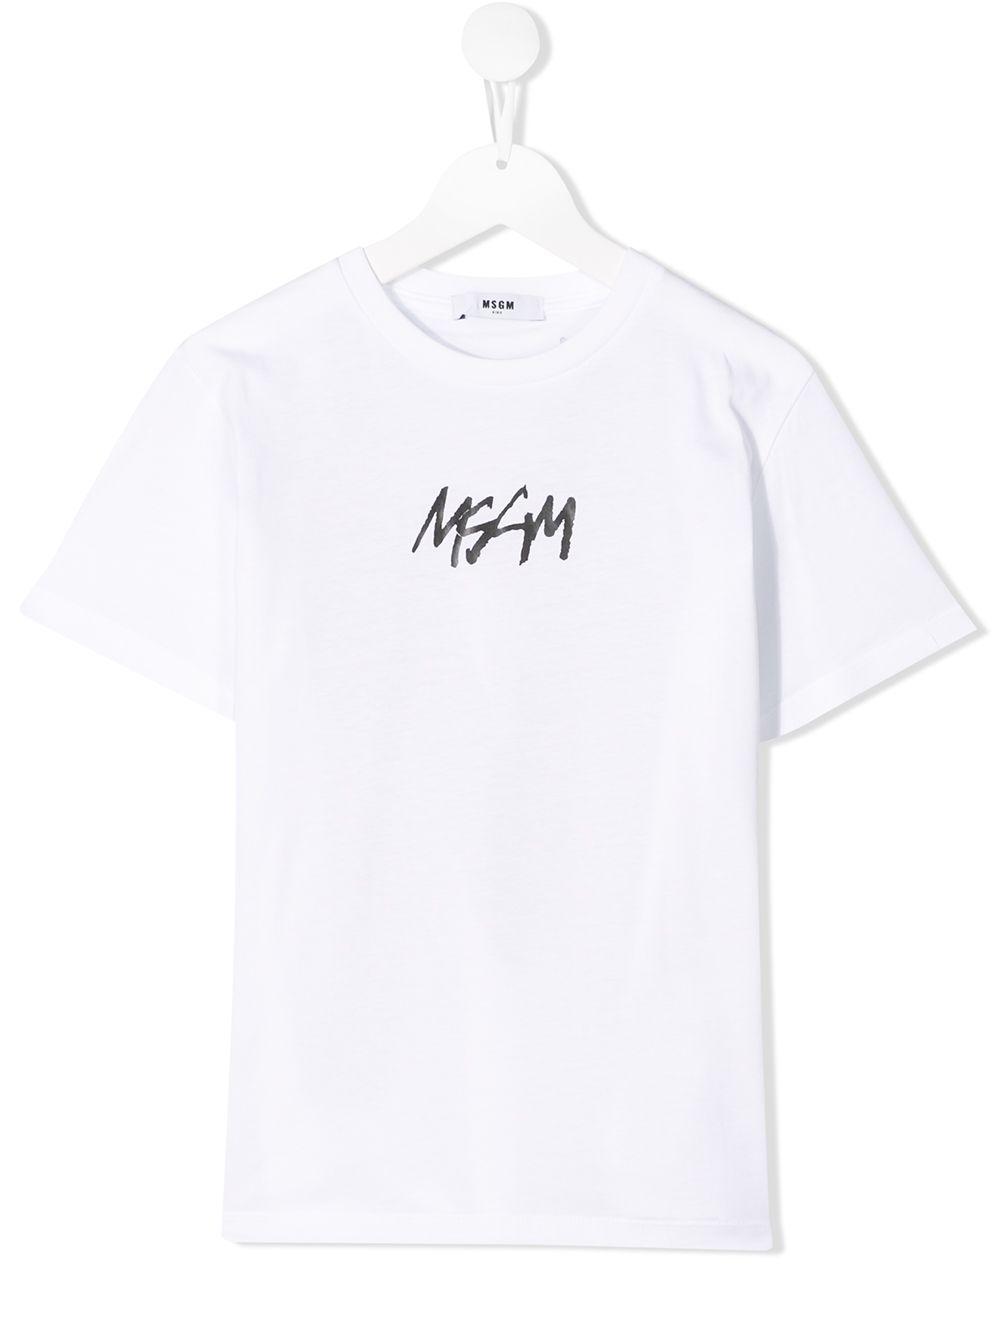 22d88c33755222 Msgm Kids ロゴ クルーネック Tシャツ - ホワイト 通販 LINEポイント最大4.0%GET   LINEショッピング【公式】